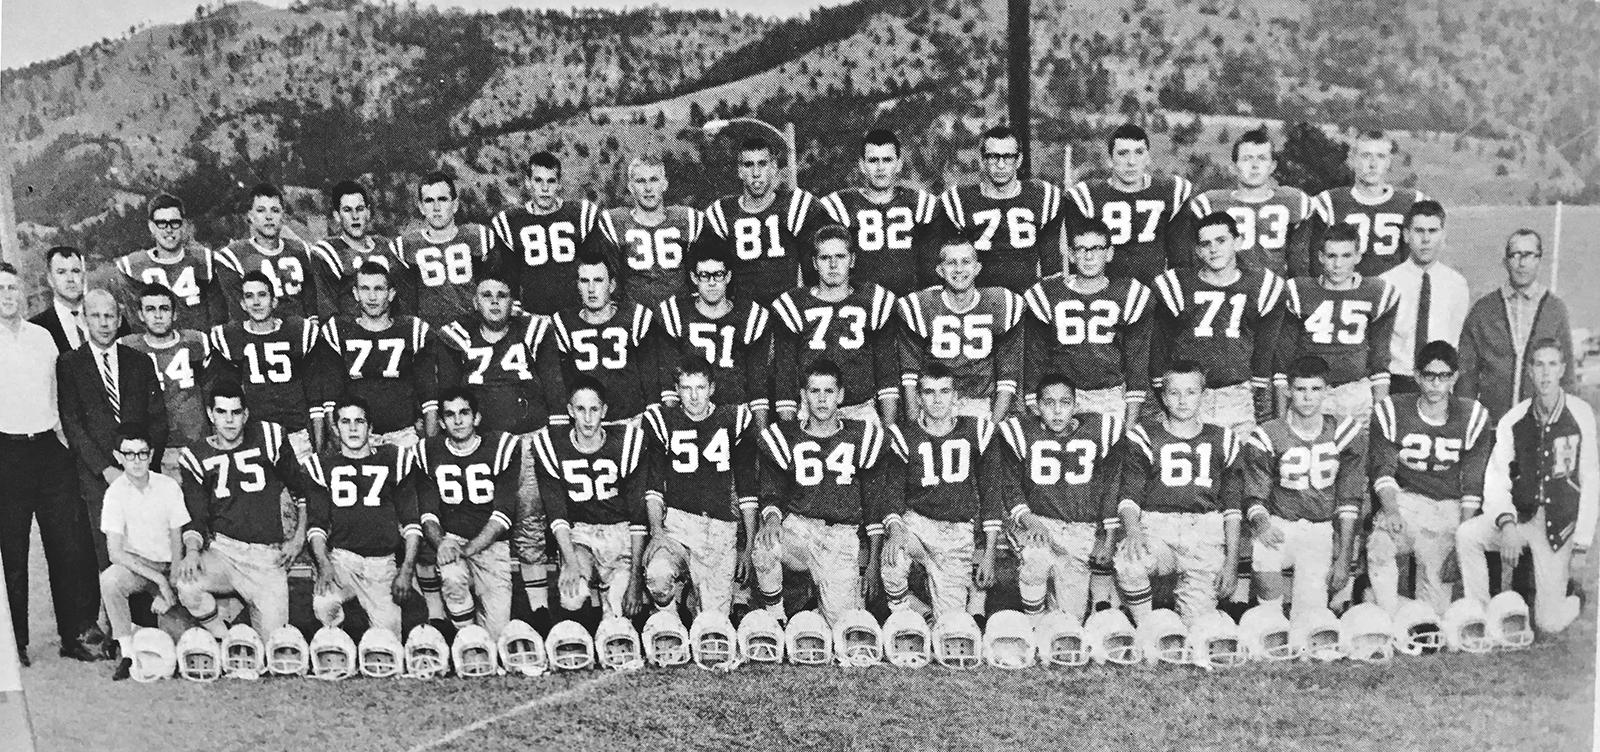 1967 Football Team